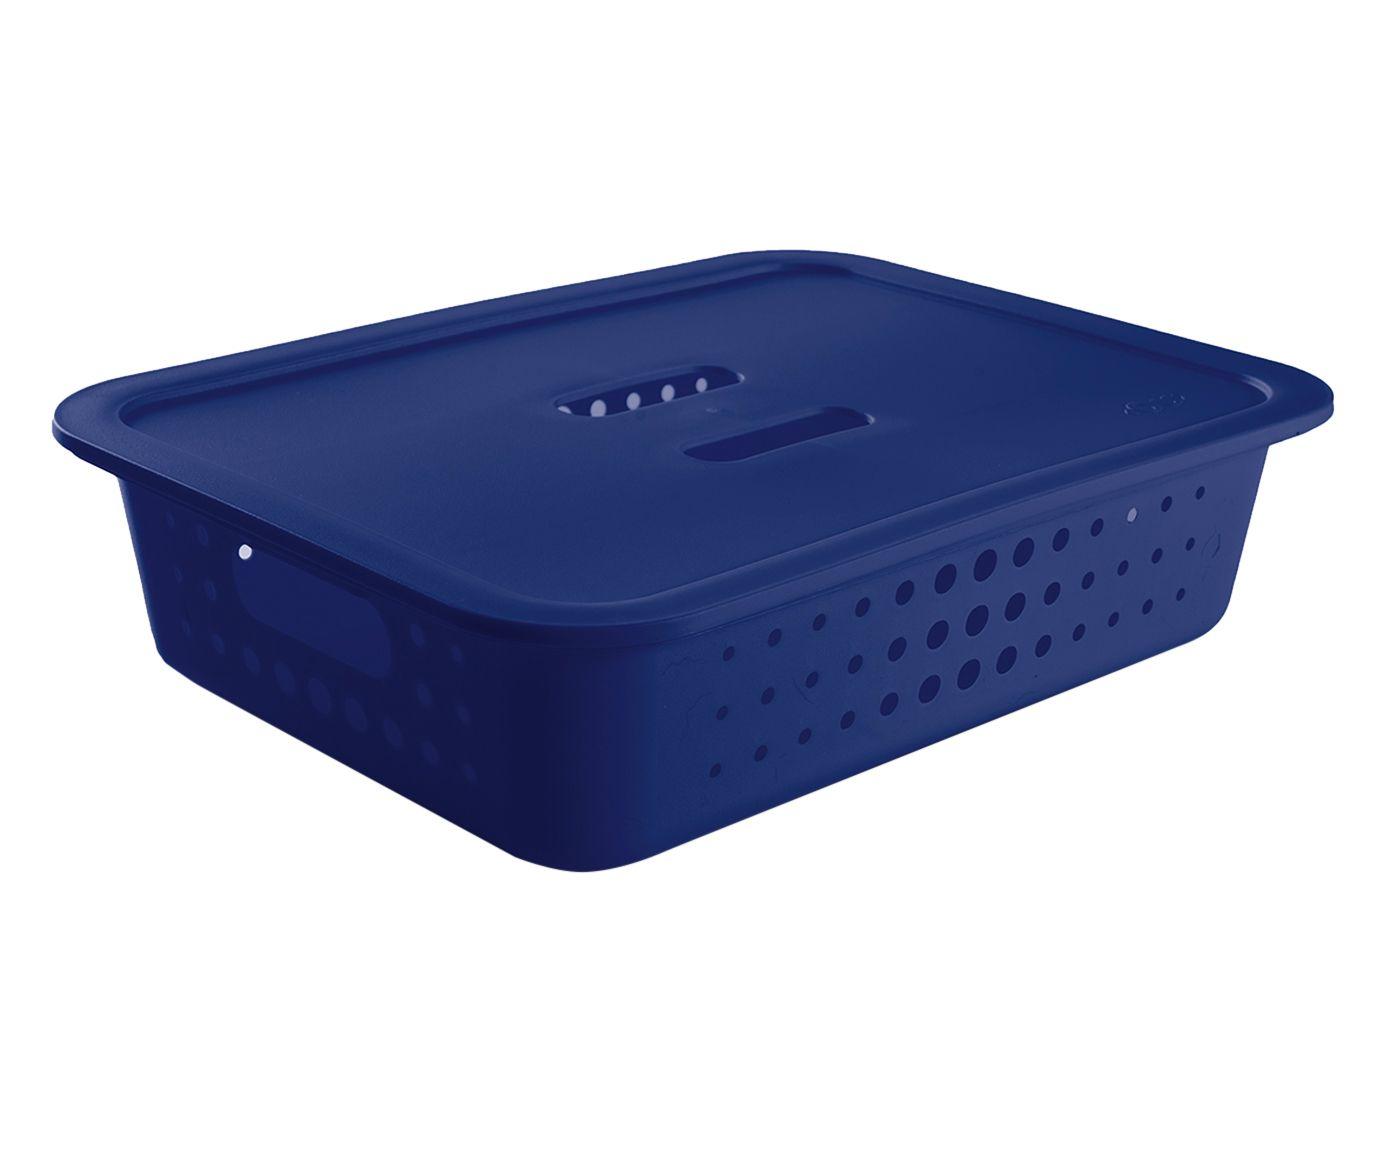 Cesto Organizador Baixo com Tampa Pratic Azul Royal - 41X31,5cm | Westwing.com.br